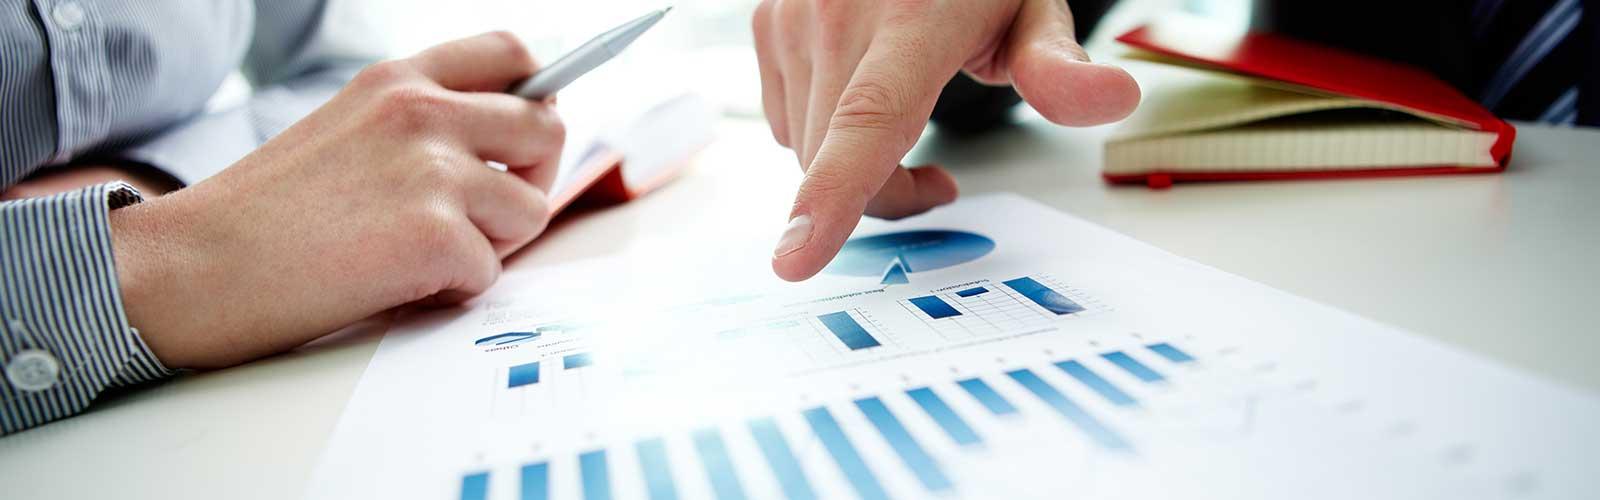 Auditált ügyfél támogatása több, mint 200 esetben